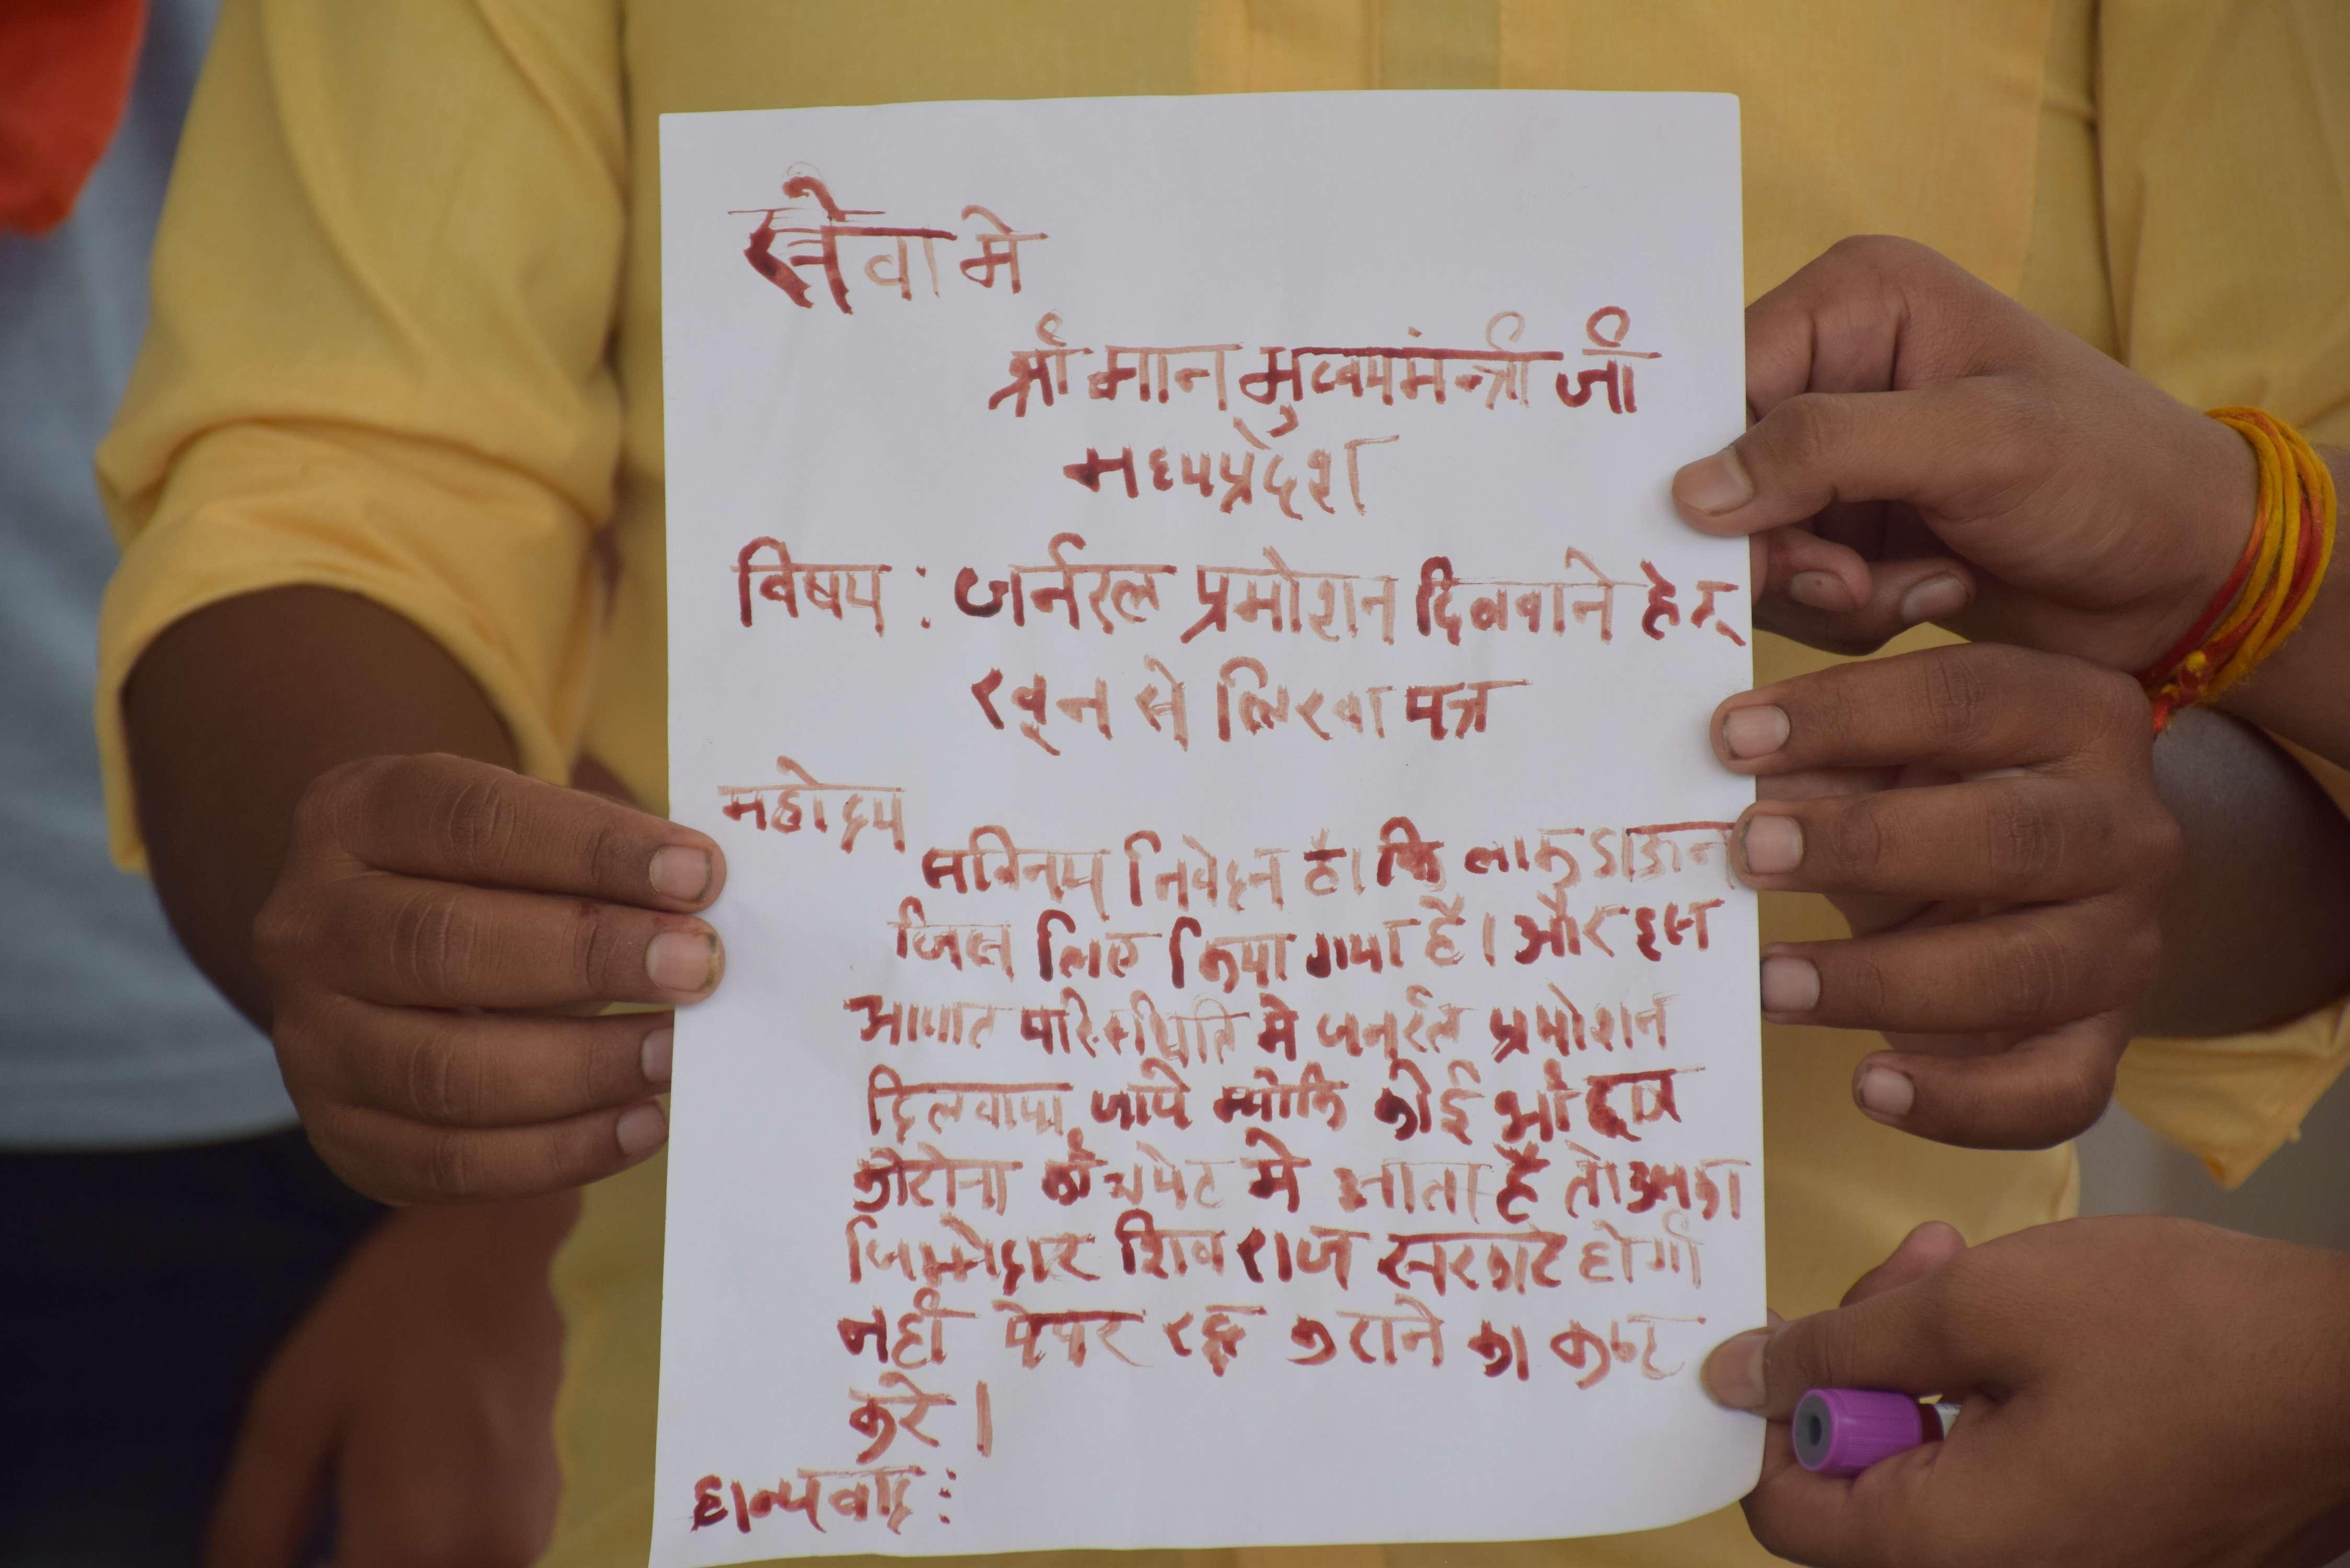 युवाओं ने शिवराज मामा को लिखा खून से खत, देखें फोटो में